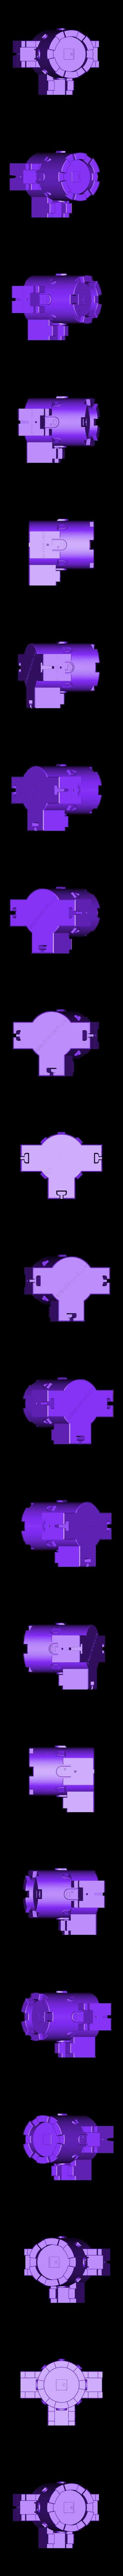 Round_Tower_T_Closed_(Modular Castle Playset - 3D-printable)_By_CreativeTools.se.stl Télécharger fichier STL gratuit Plateau modulaire de château (imprimable en 3D) • Modèle à imprimer en 3D, CreativeTools